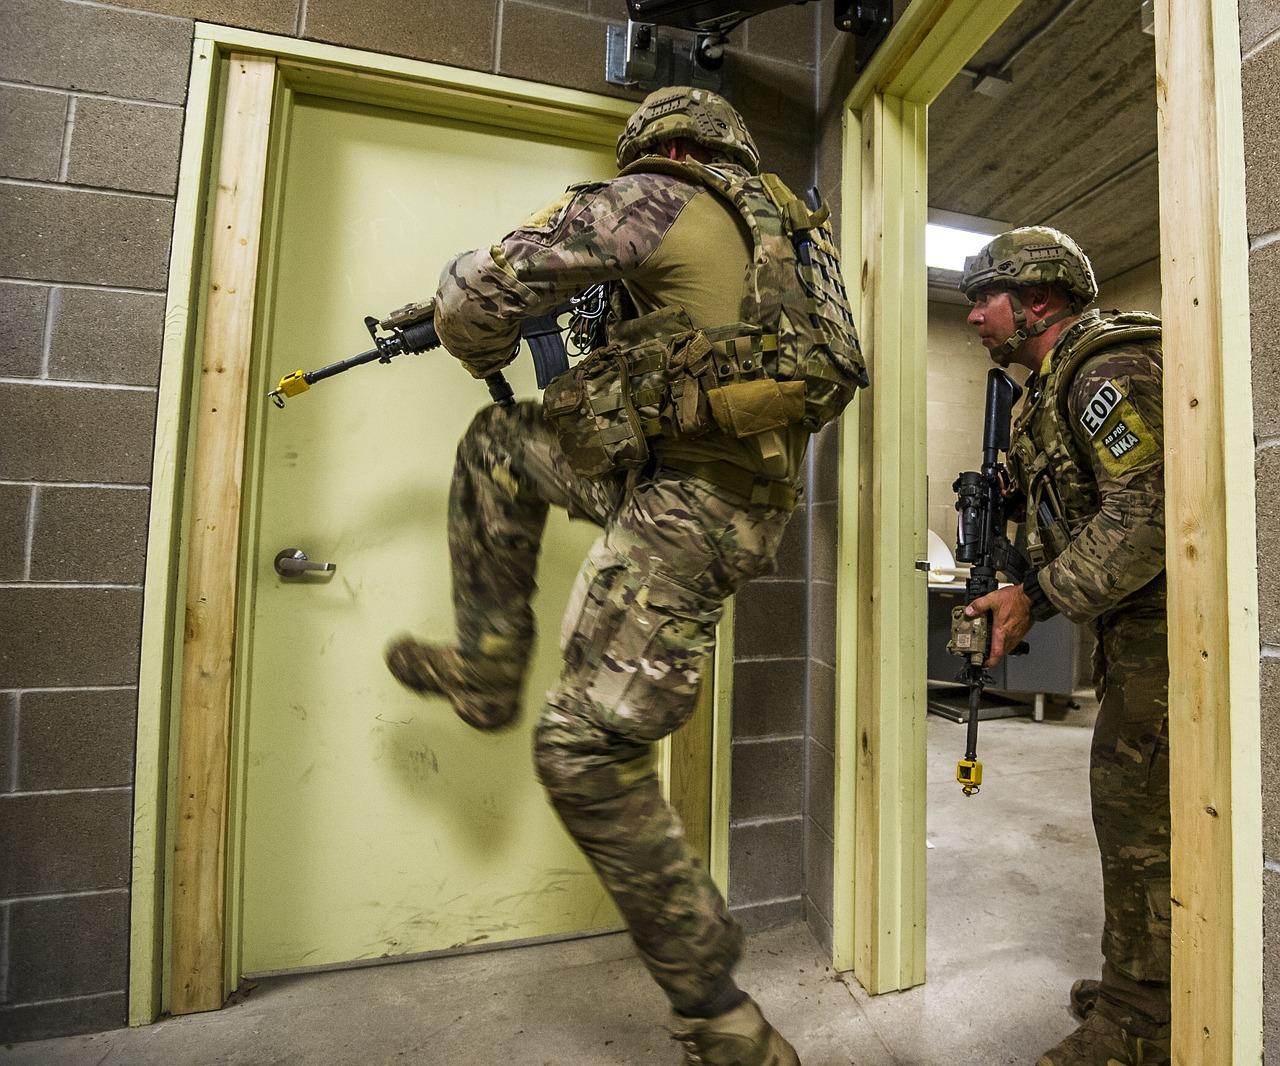 soldiers-2679304_1280.jpg